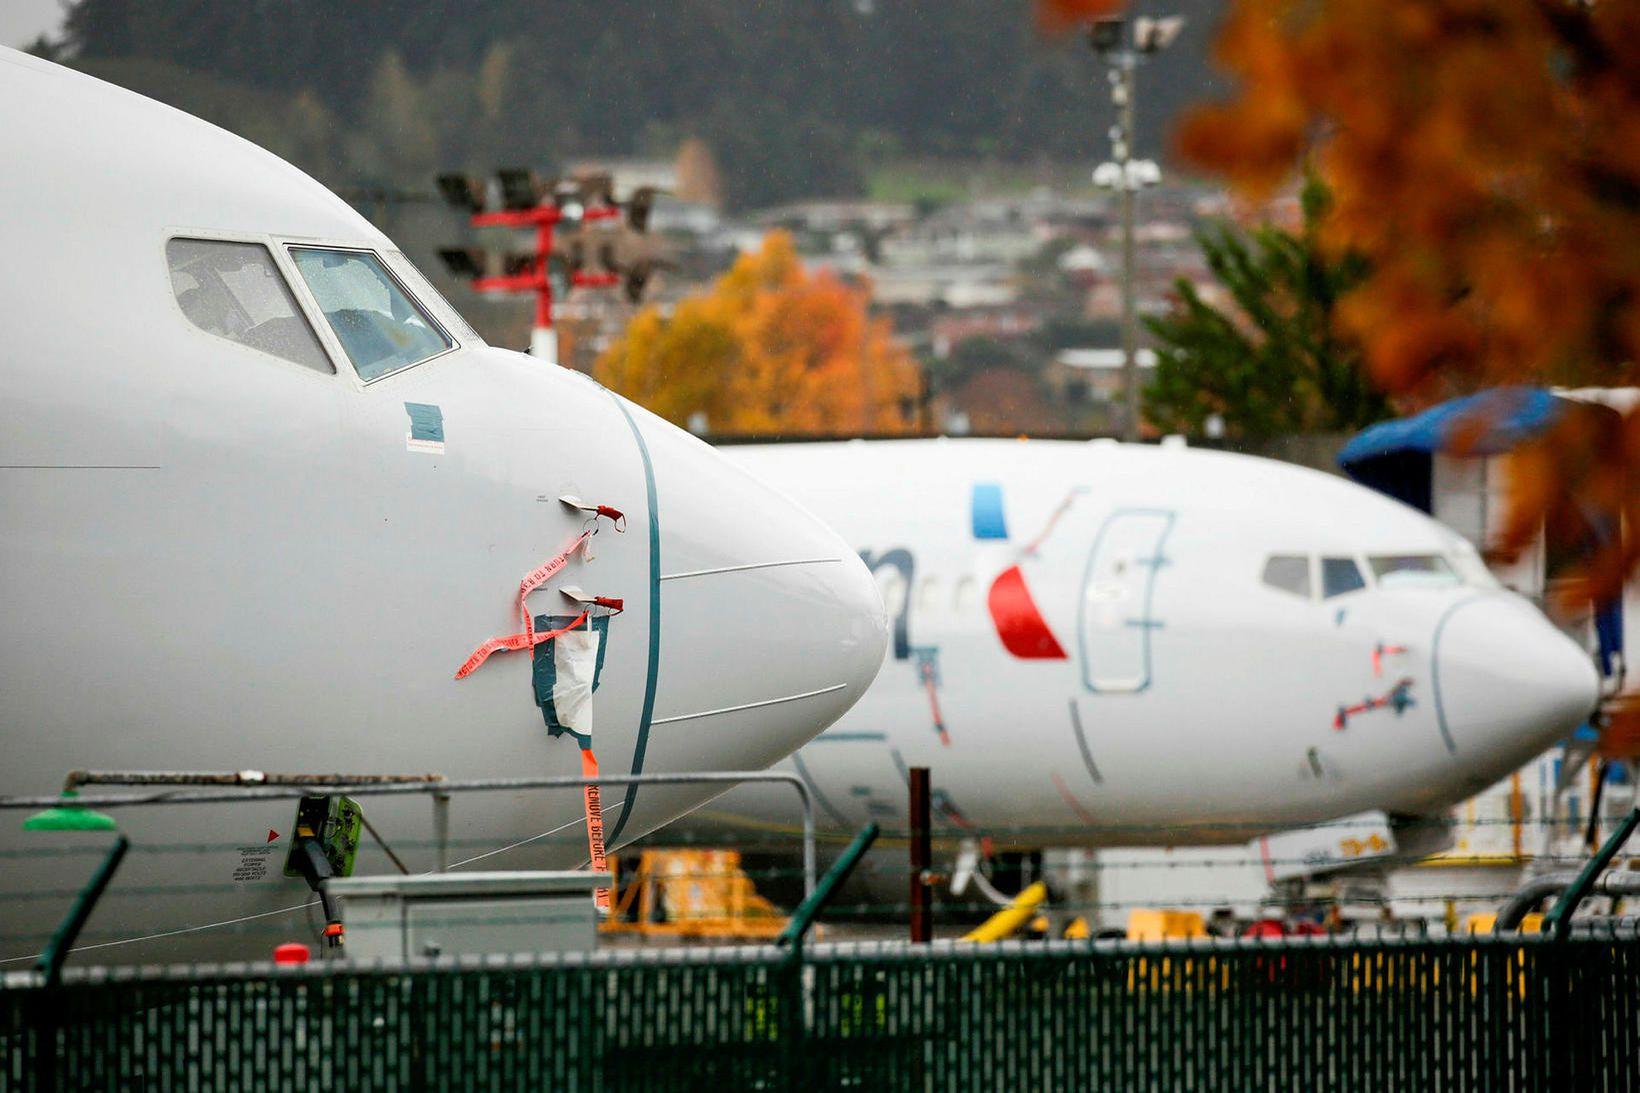 Allar flugvélar af gerðinni Boeing 737 Max voru kyrrsettar í …